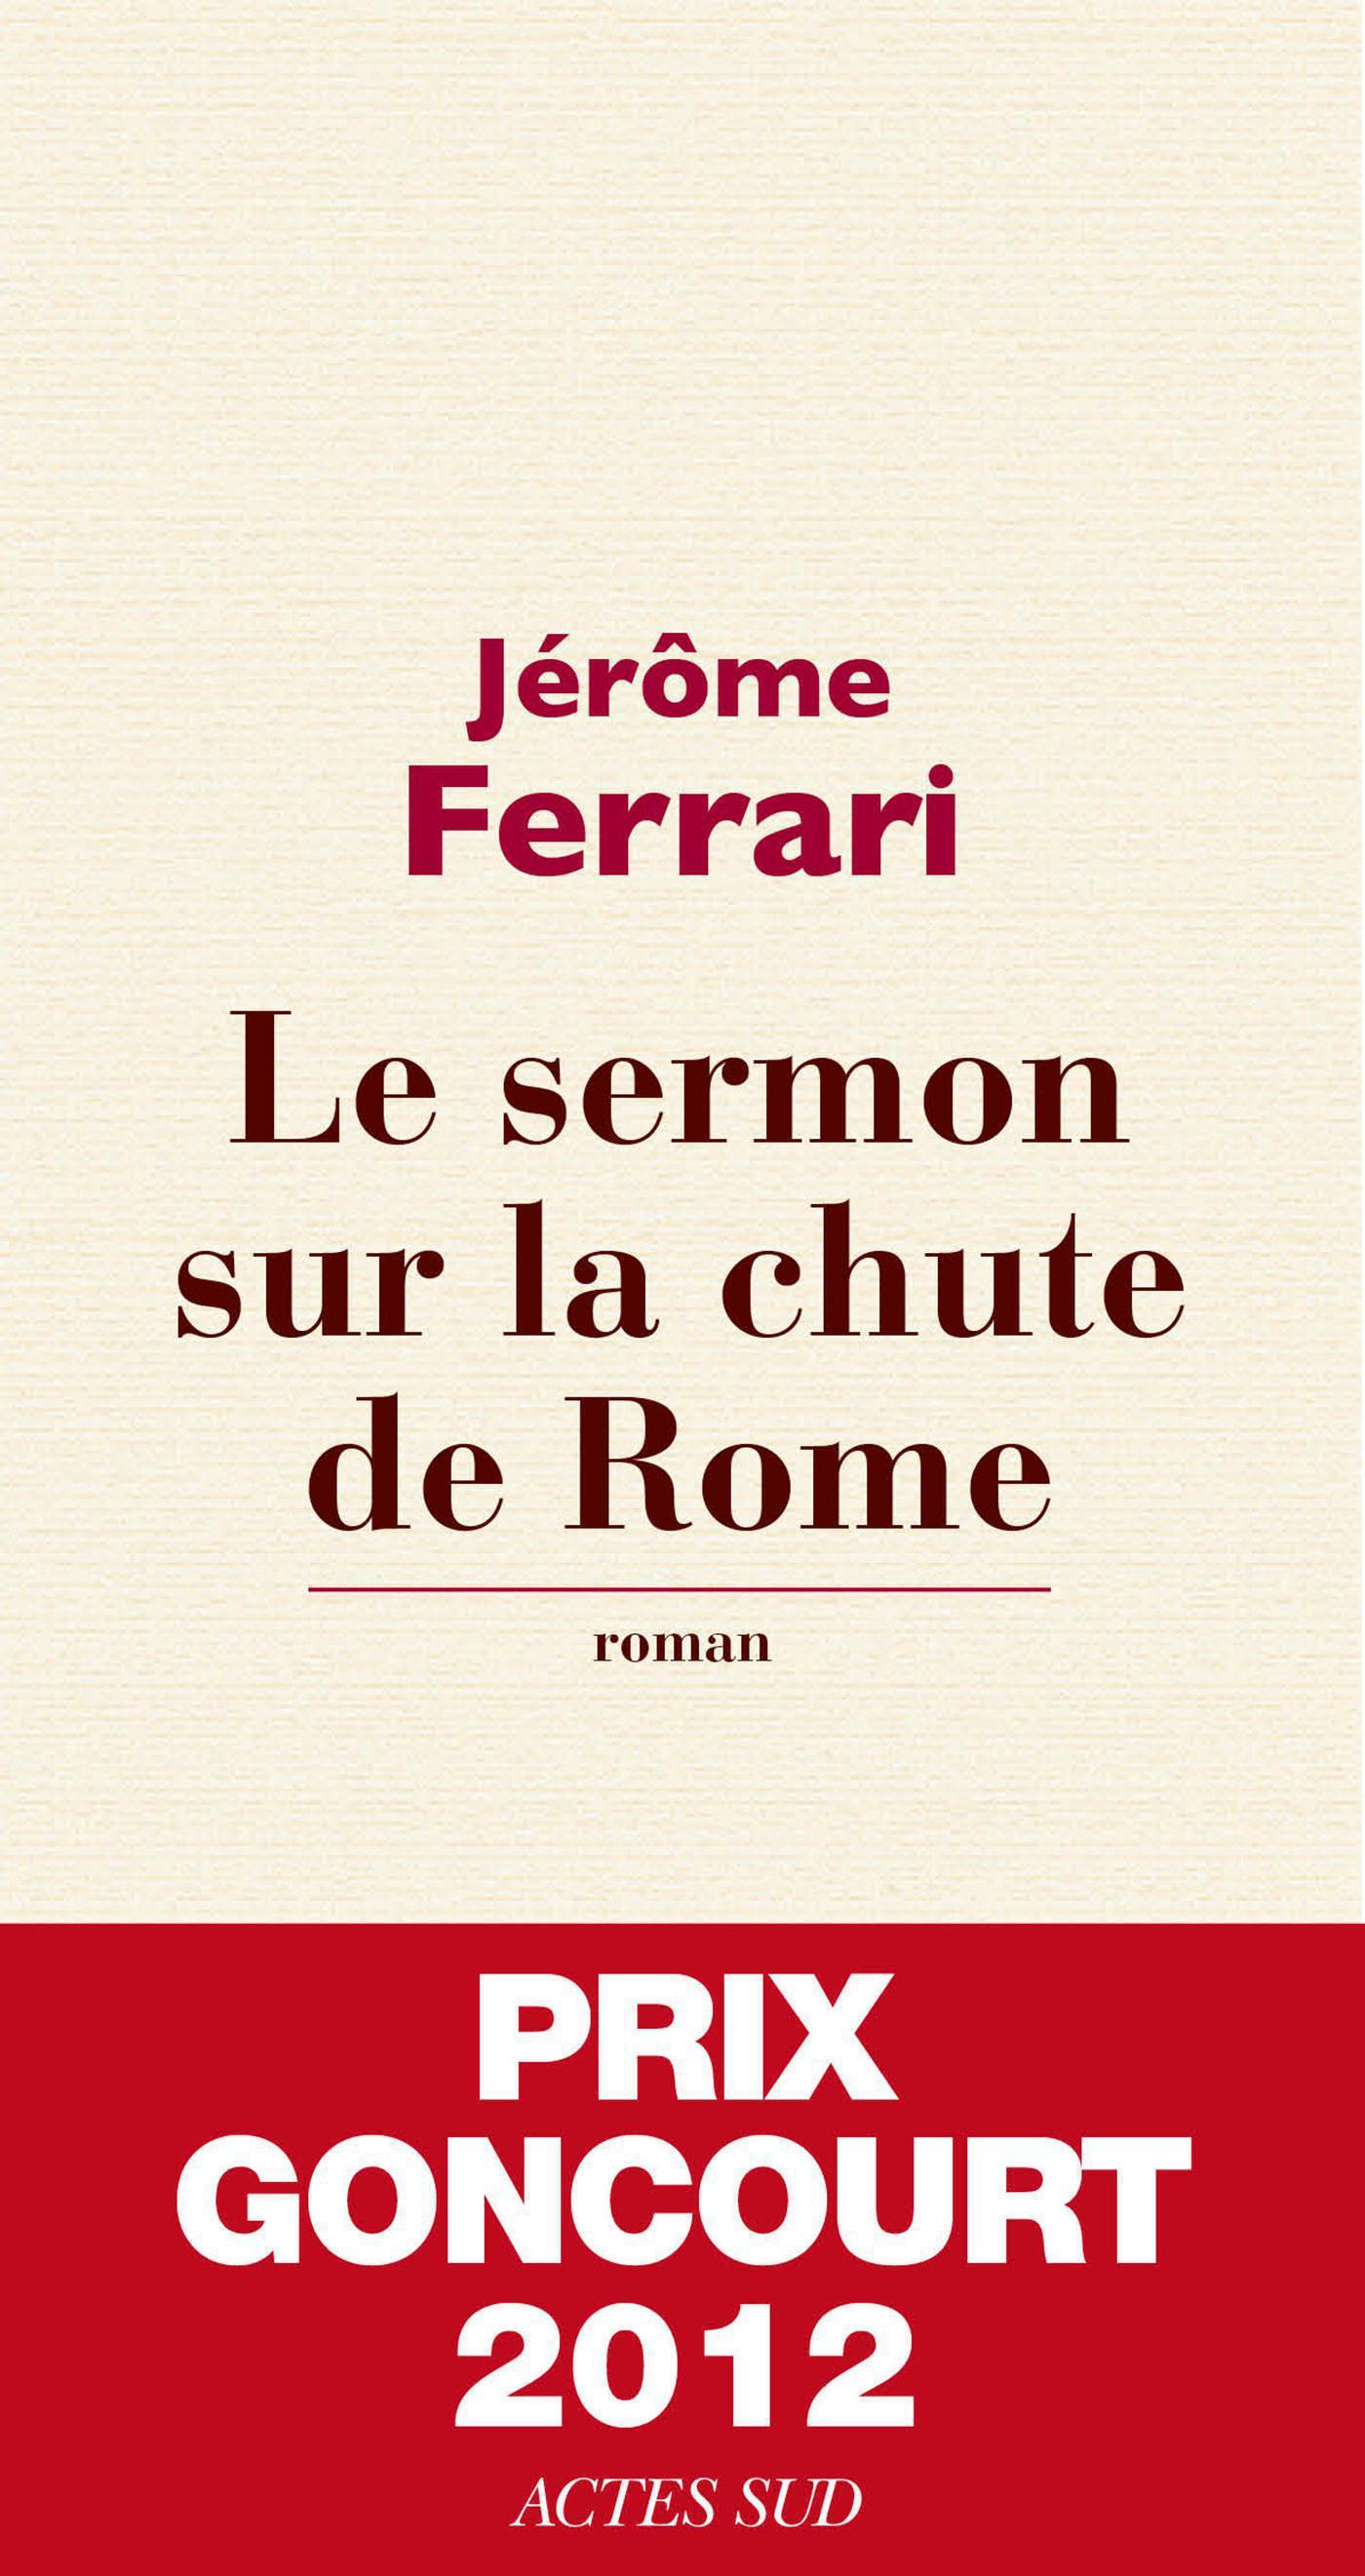 Couverture : Sermon sur la chute de Rome (Le) Jérôme Ferrari